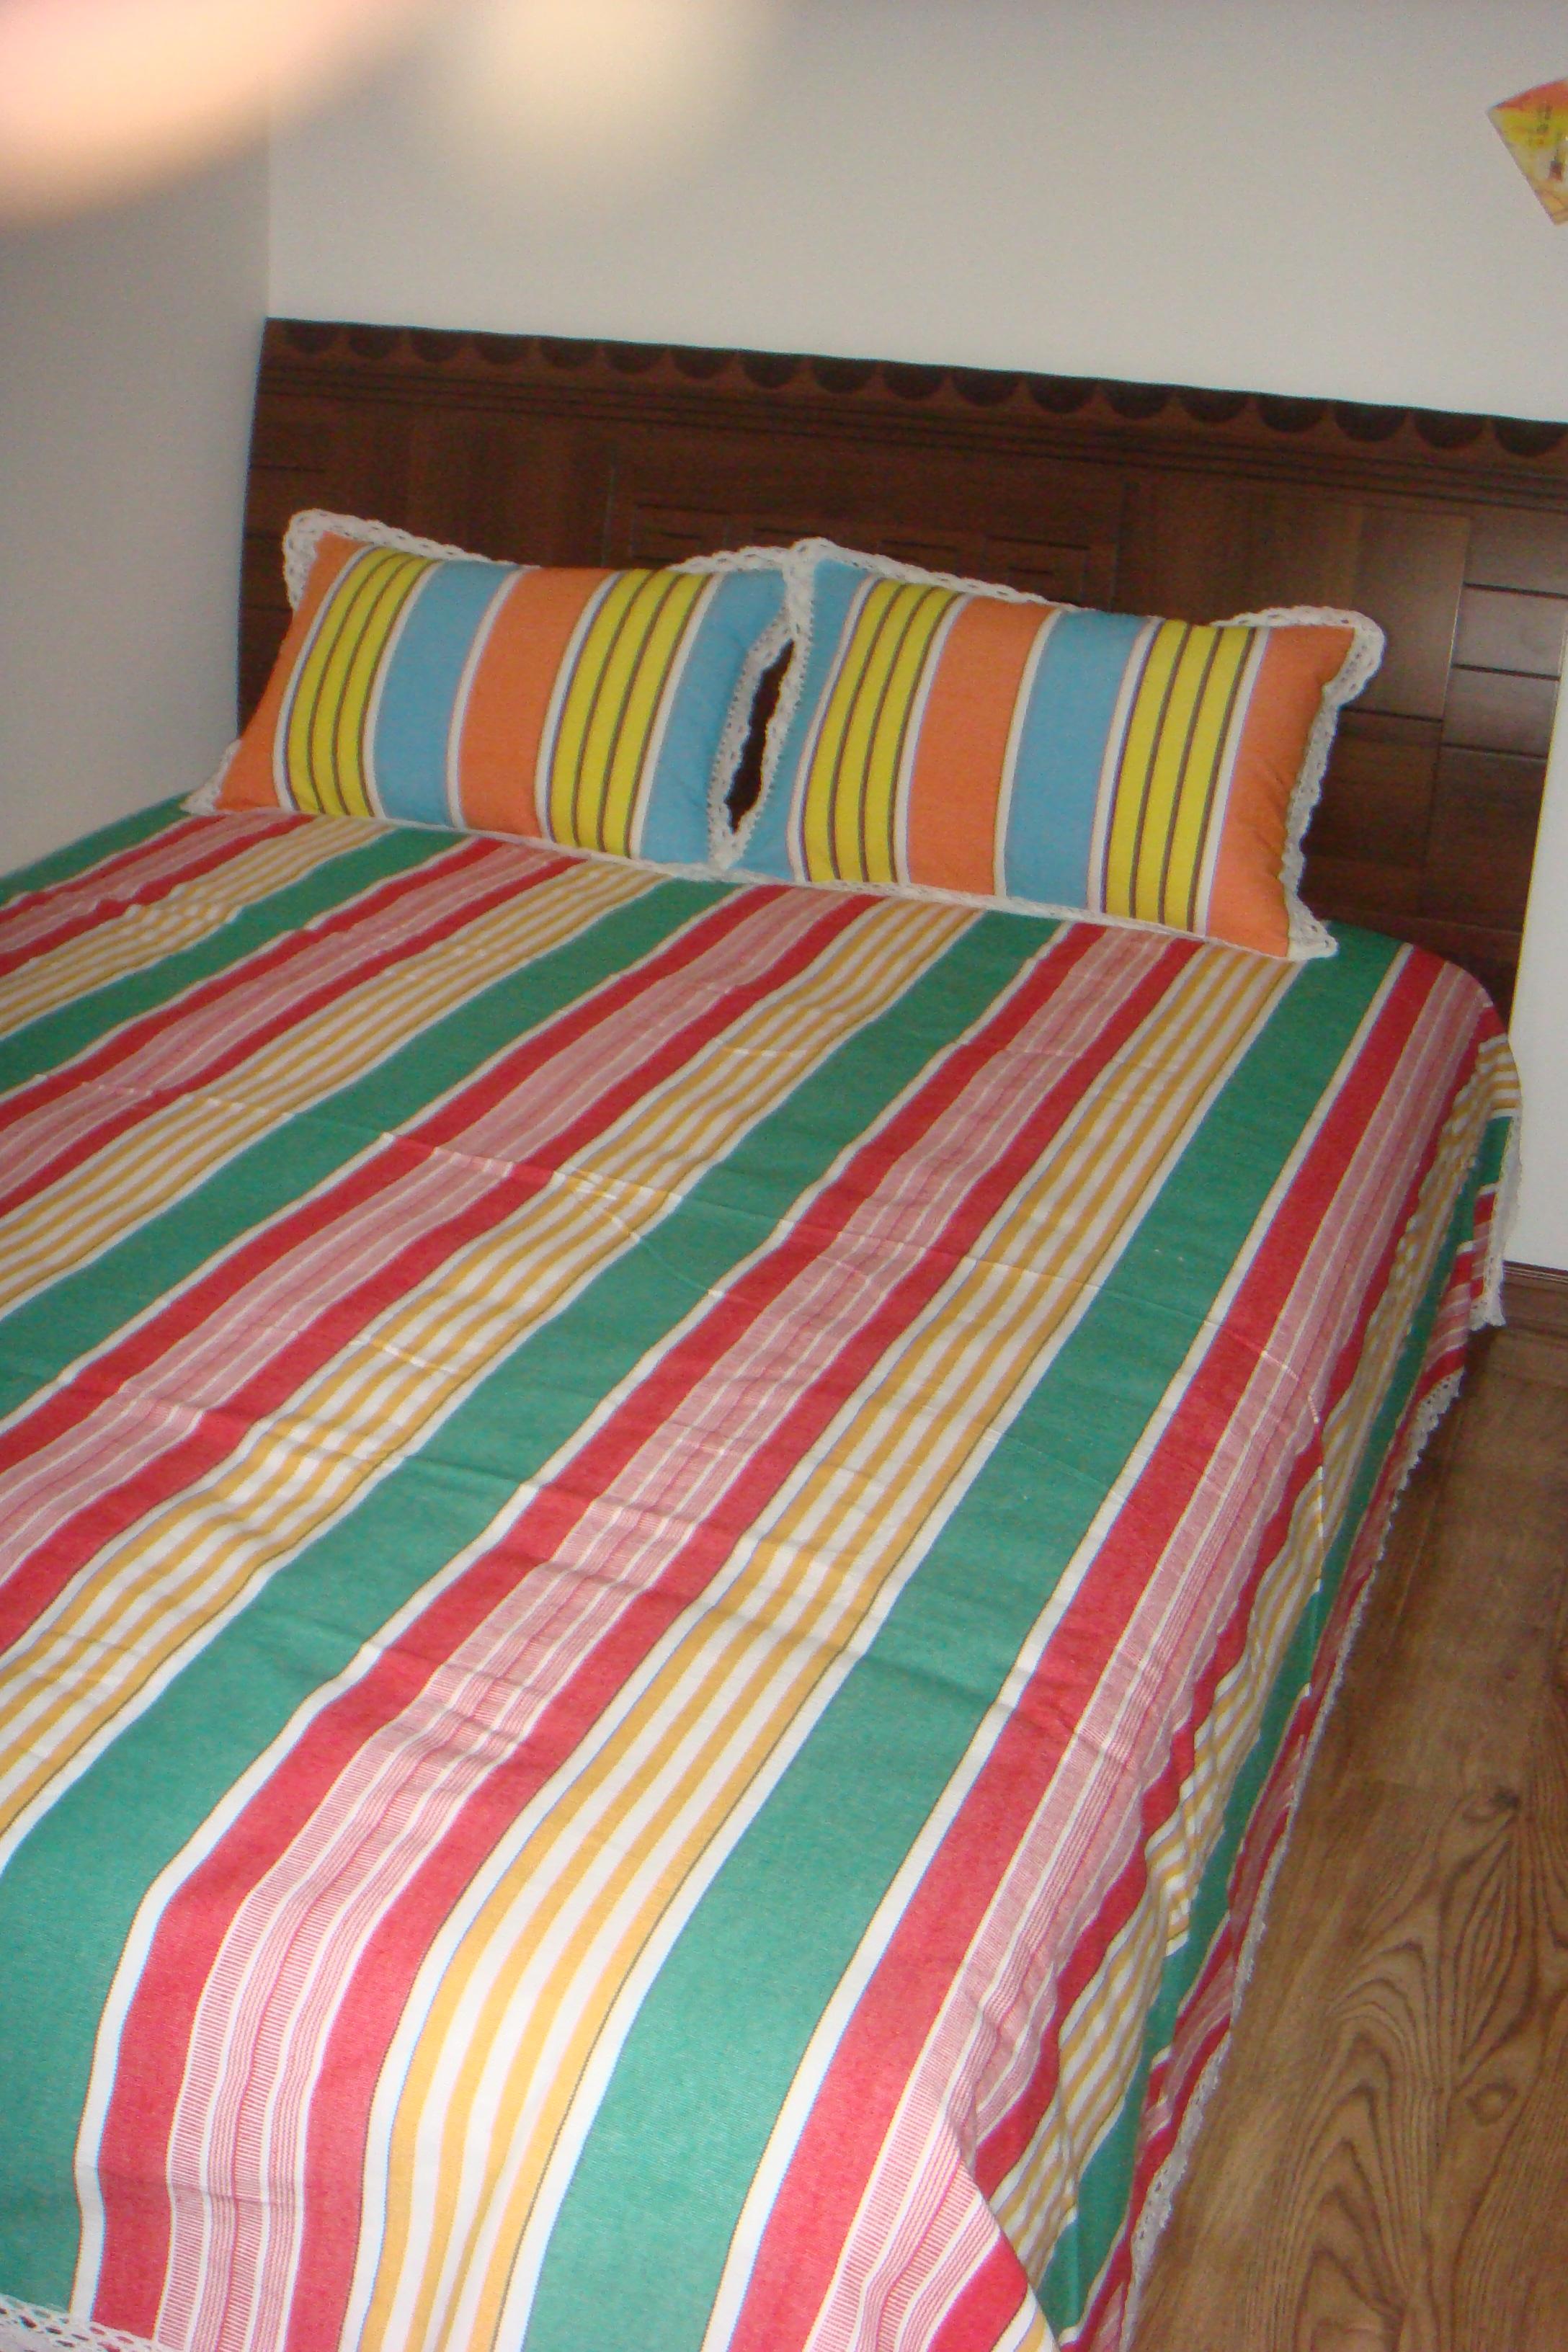 中卧室,感觉床单和枕套不是一套.......?